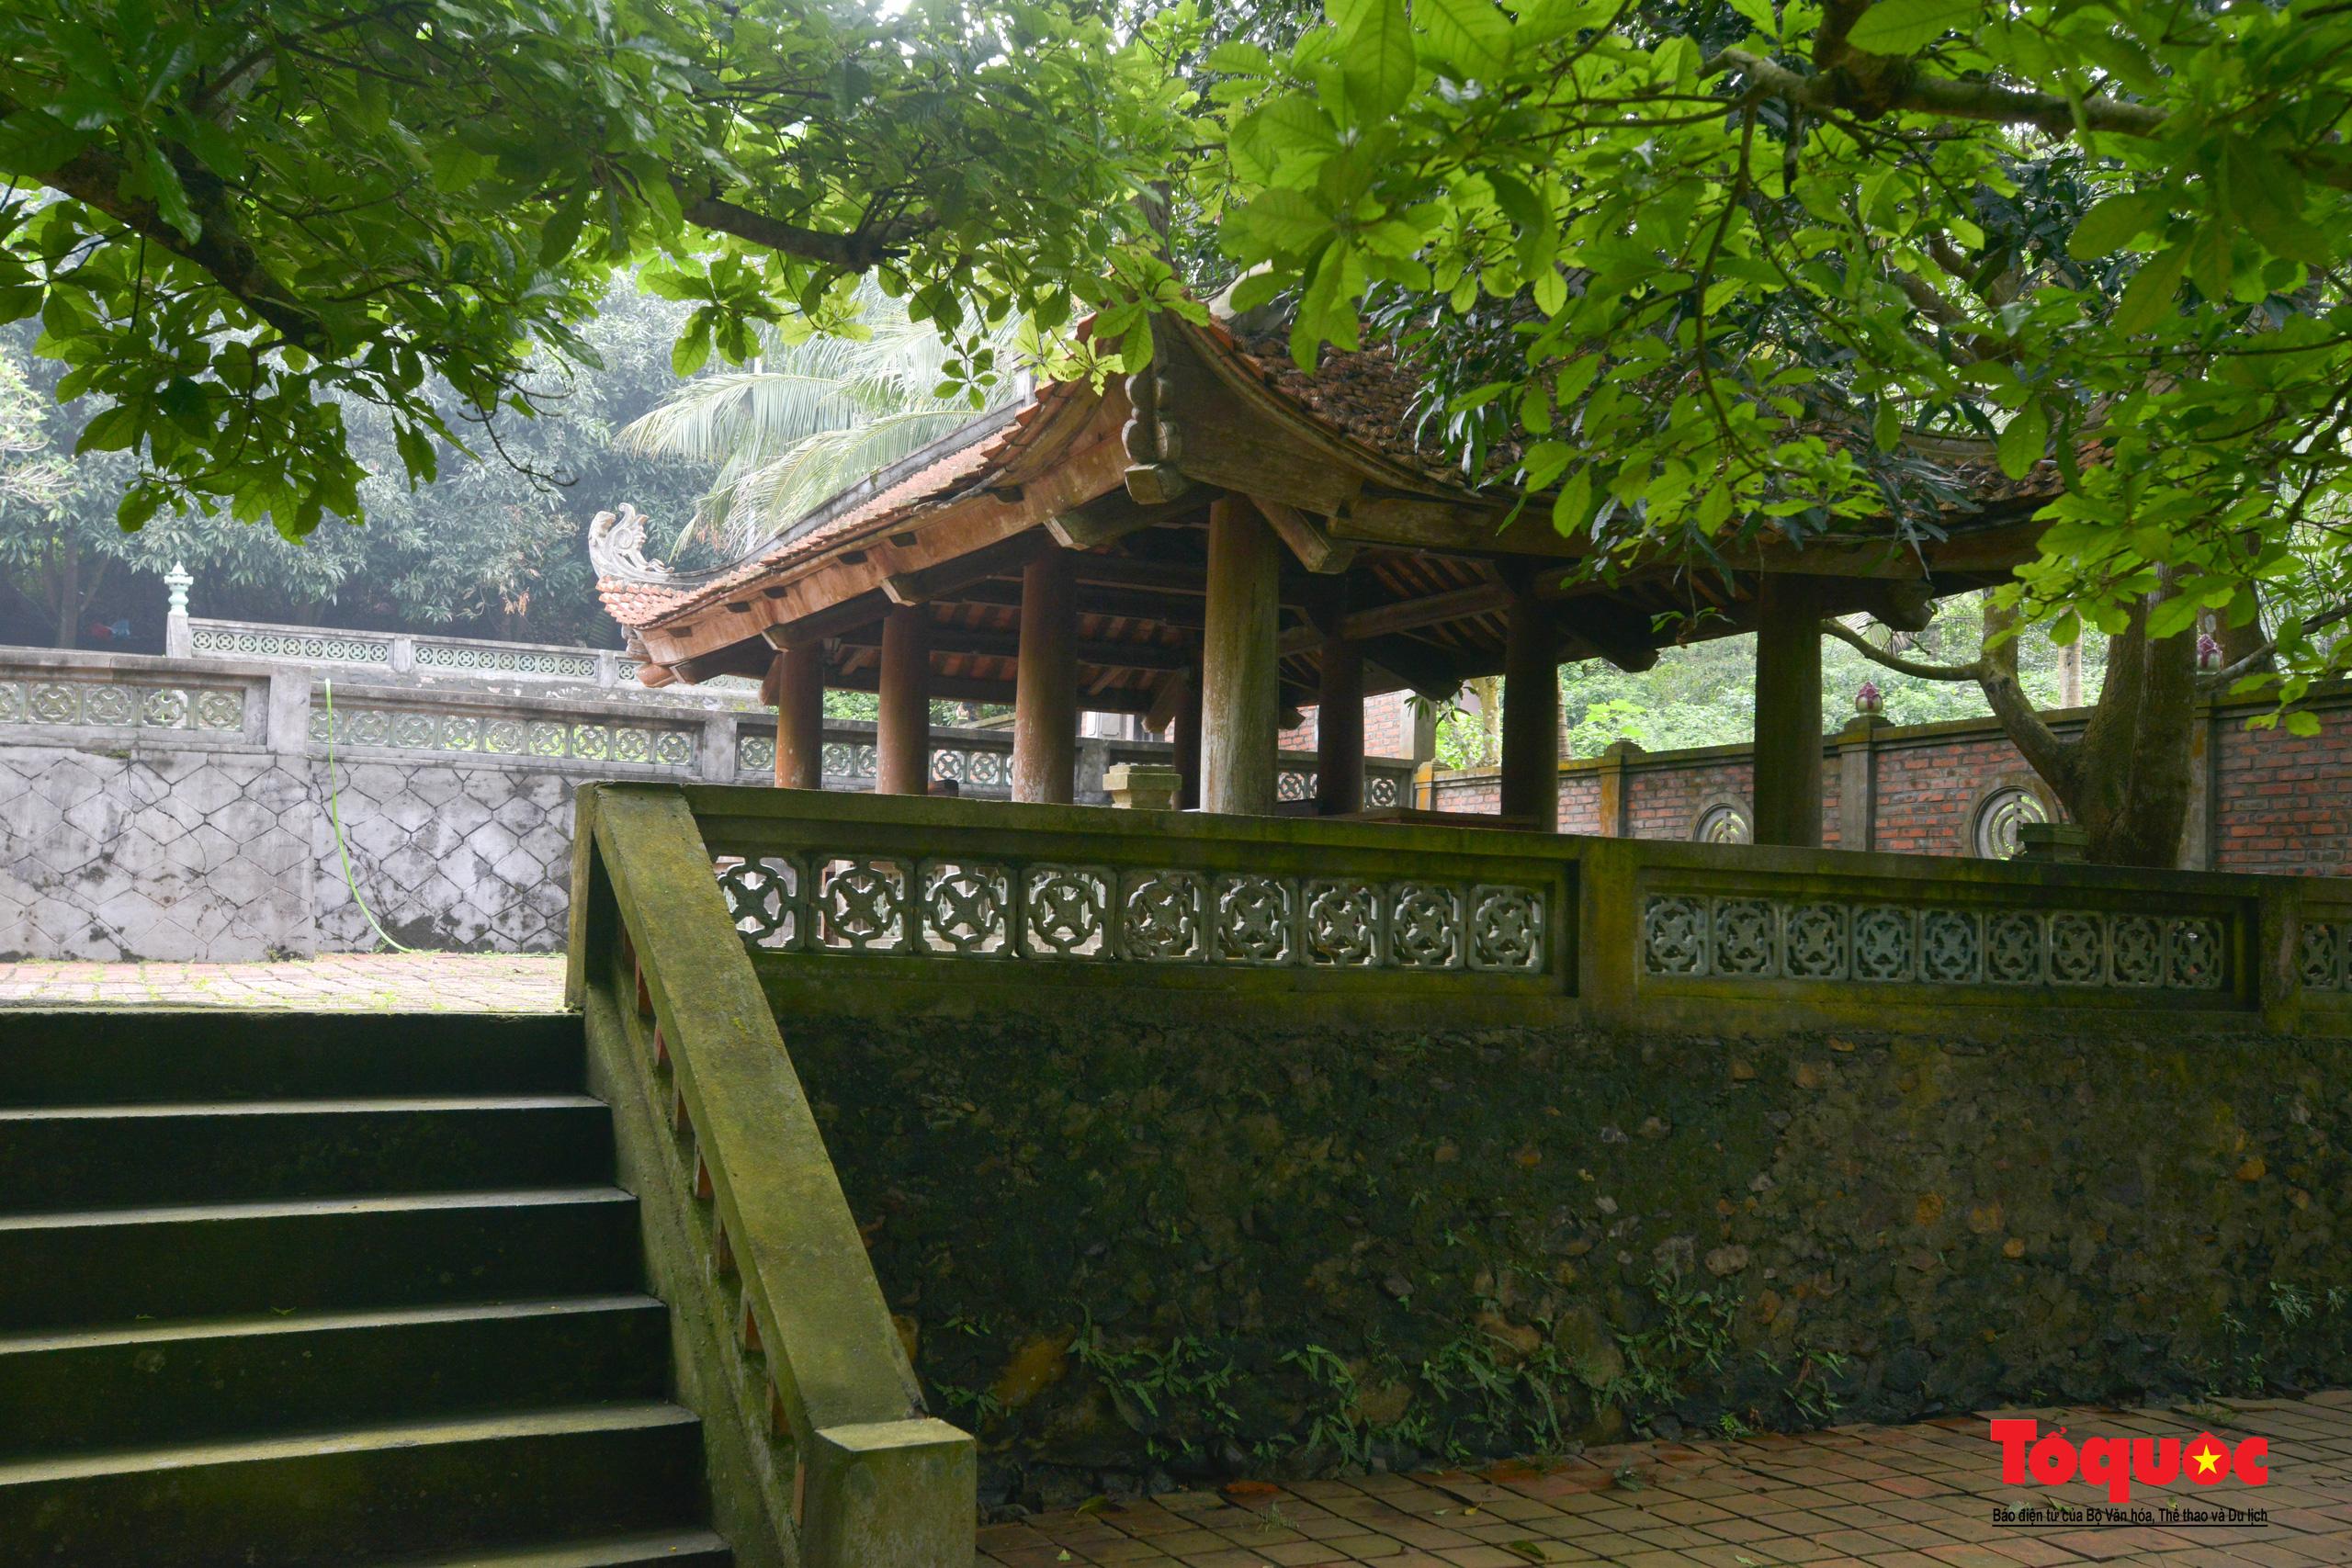 Khám phá ngôi chùa 800 tuổi giữa trùng khơi biển cả - Ảnh 13.